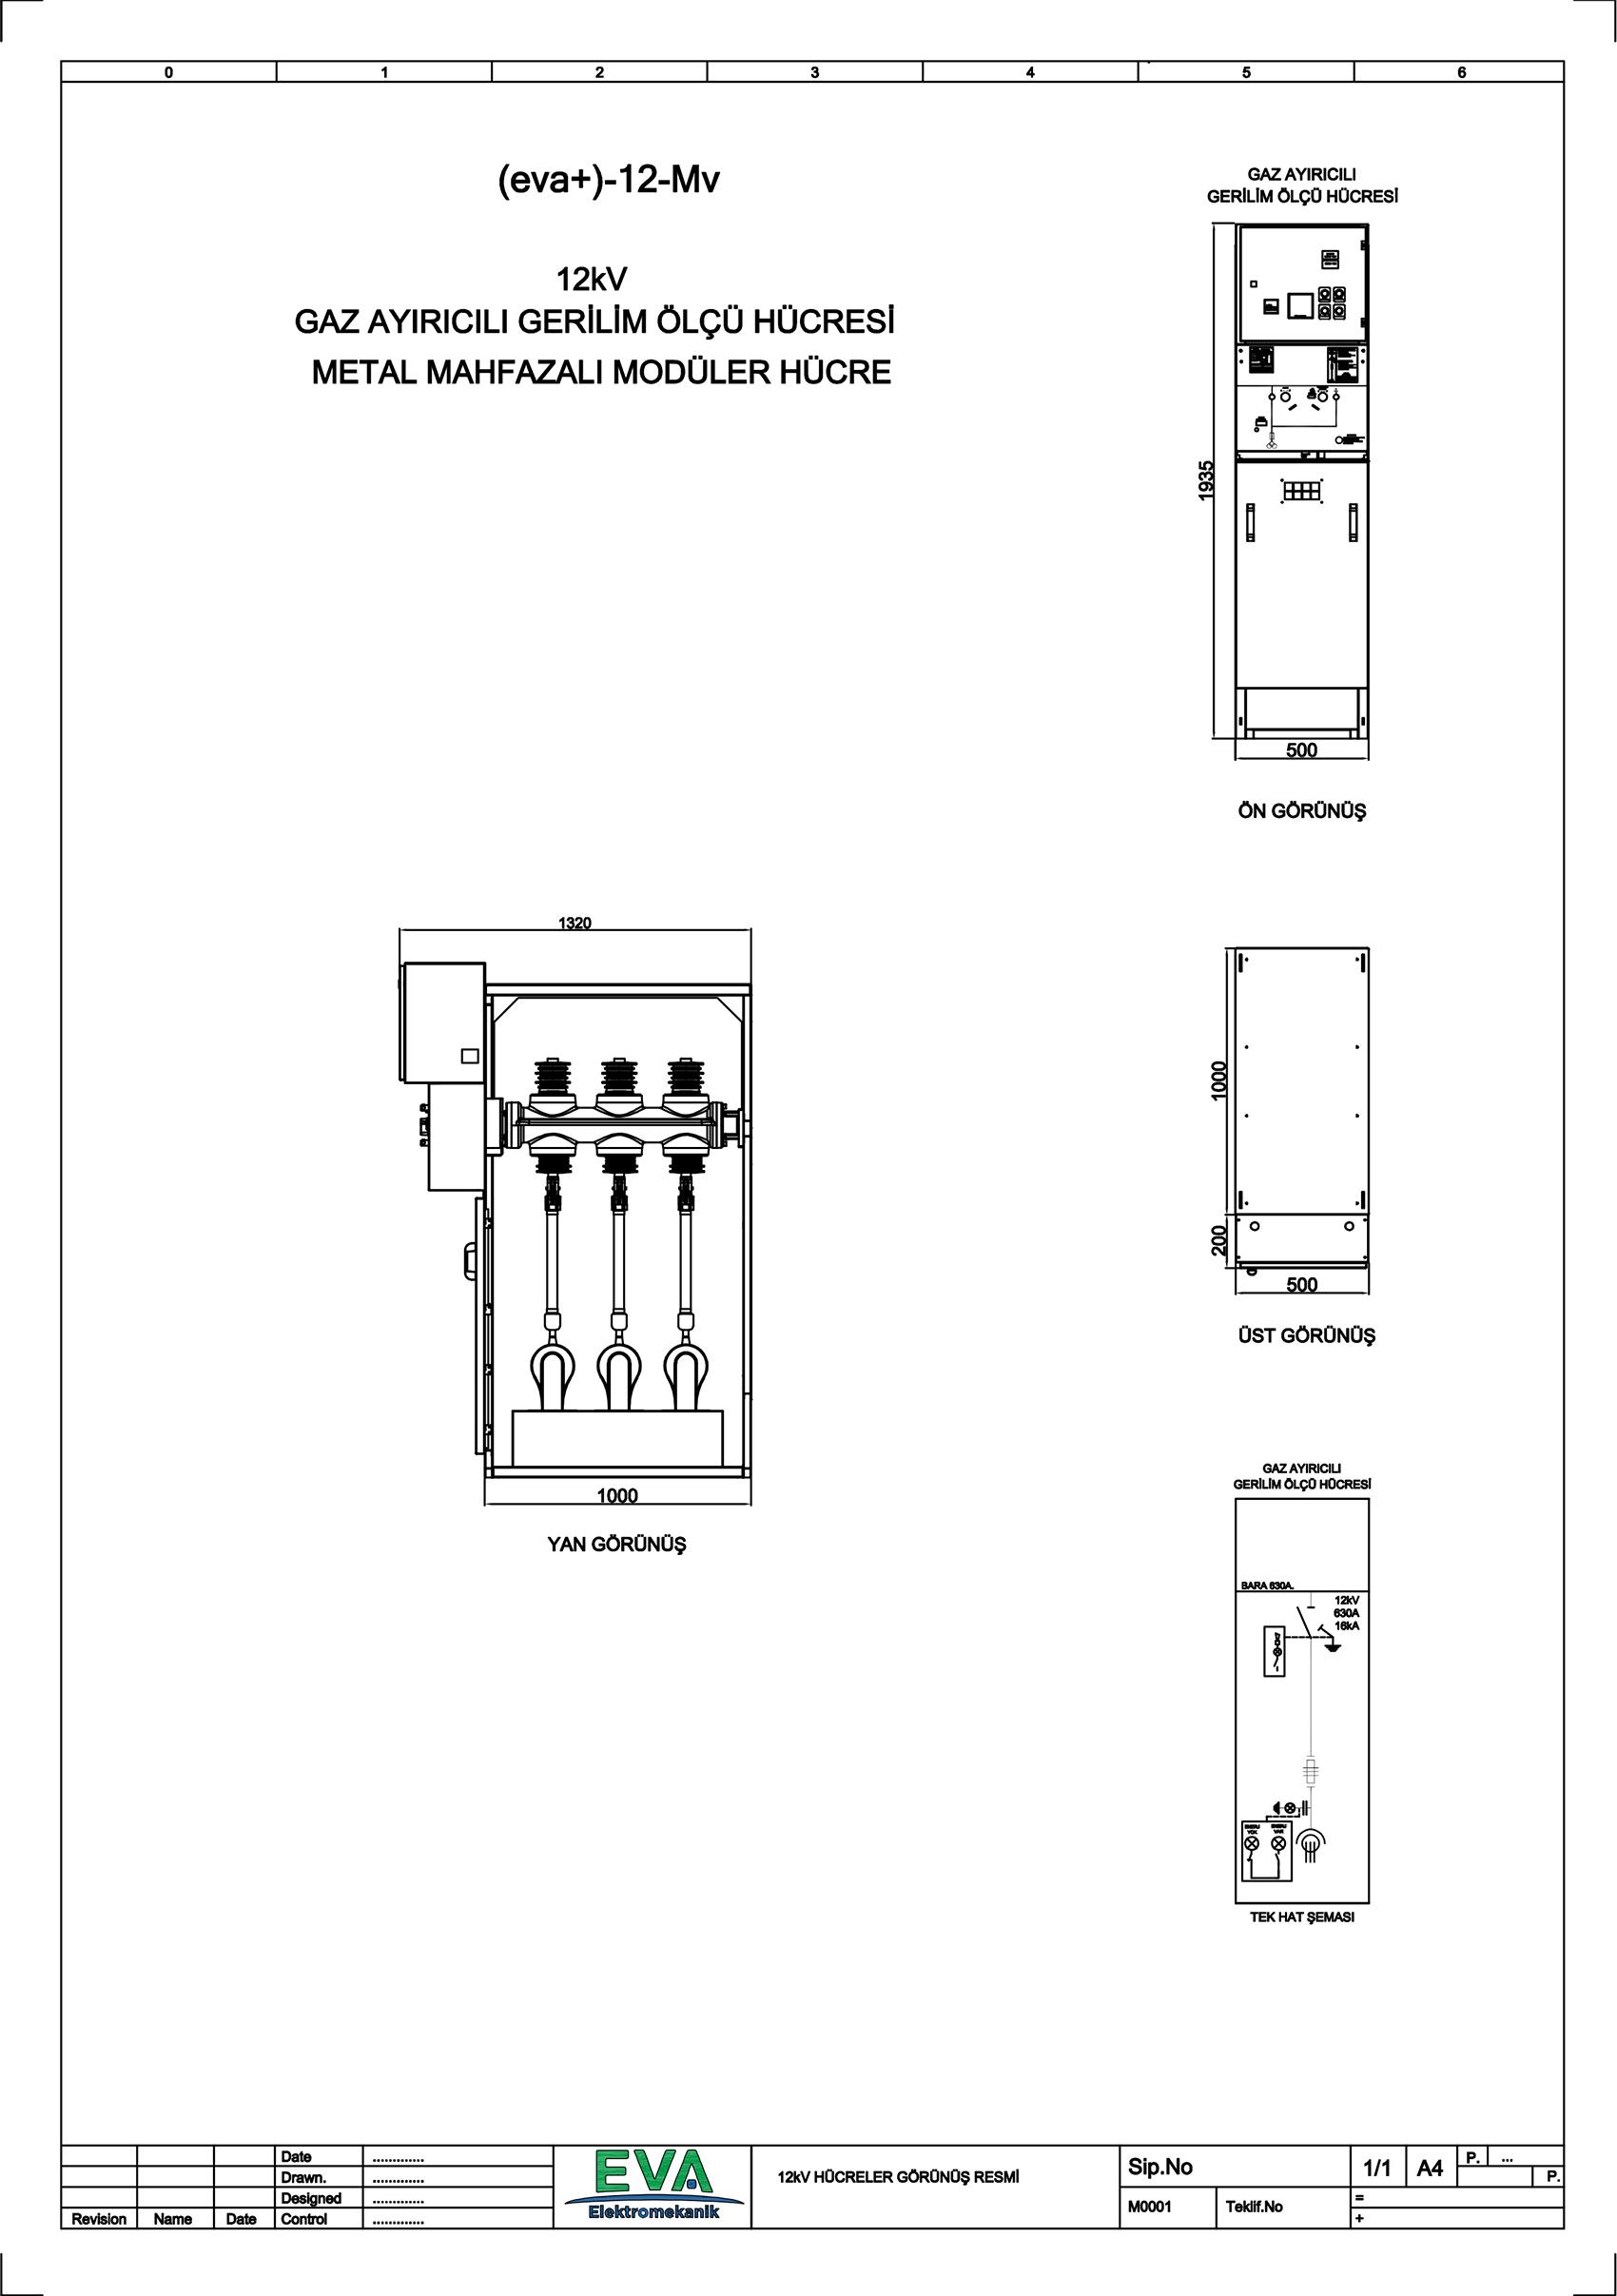 EVA+-12-Mv Gaz Ayırıcılı Gerilim Ölçü Hücresi (Metal Mahfazalı Modüler Hücre)